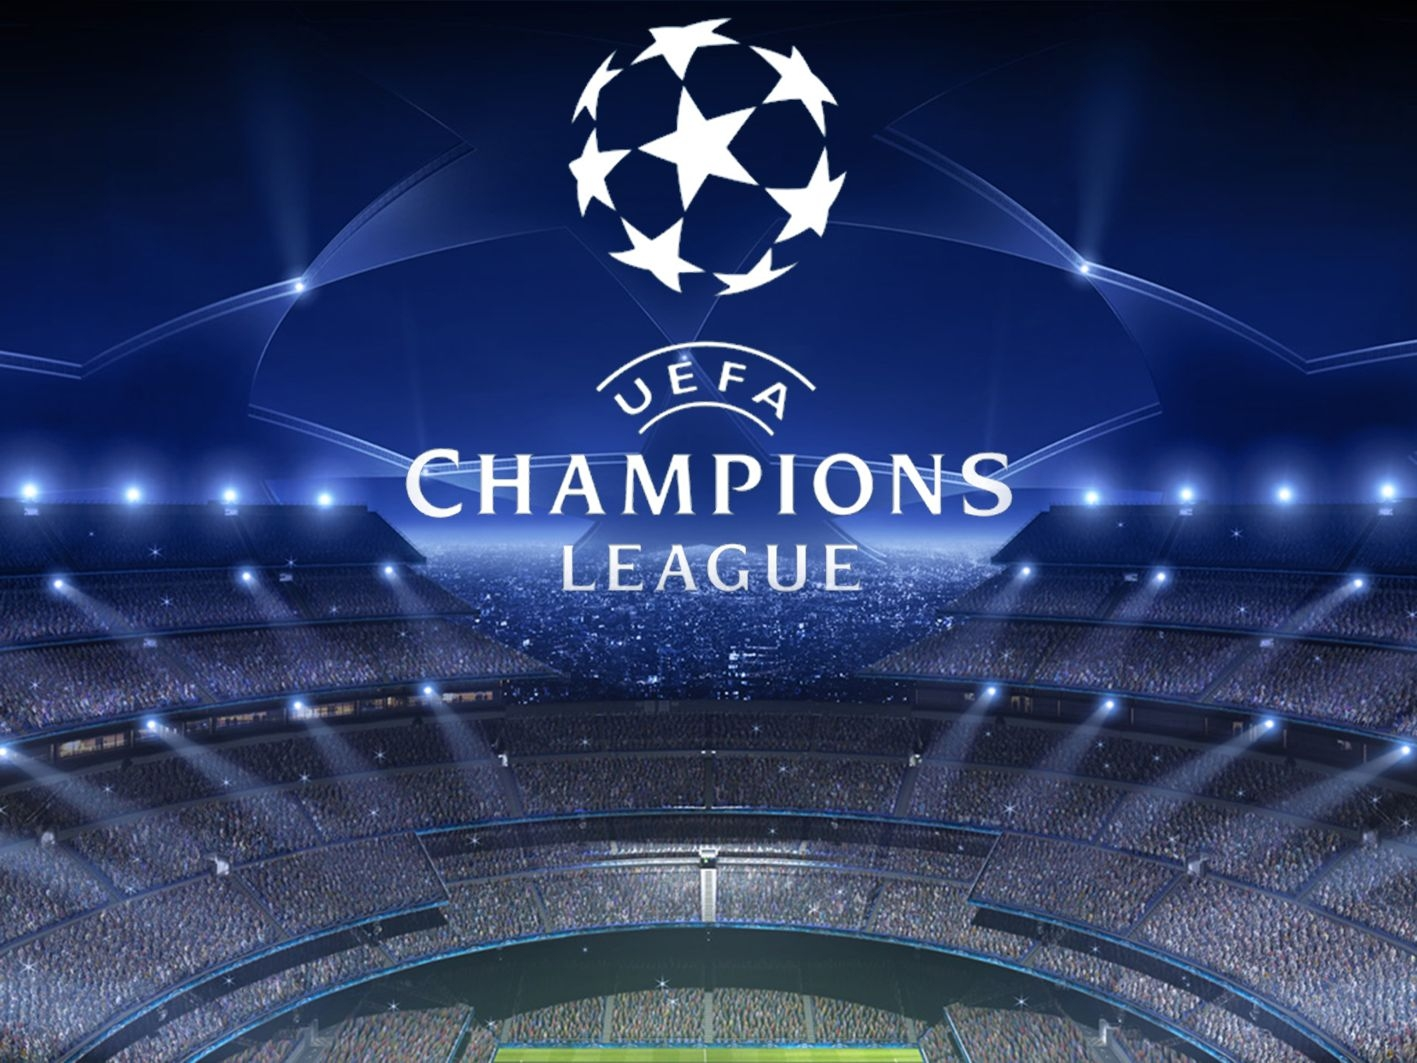 Бесплатно Финал Лиги Чемпионов Милан Ливерпуль